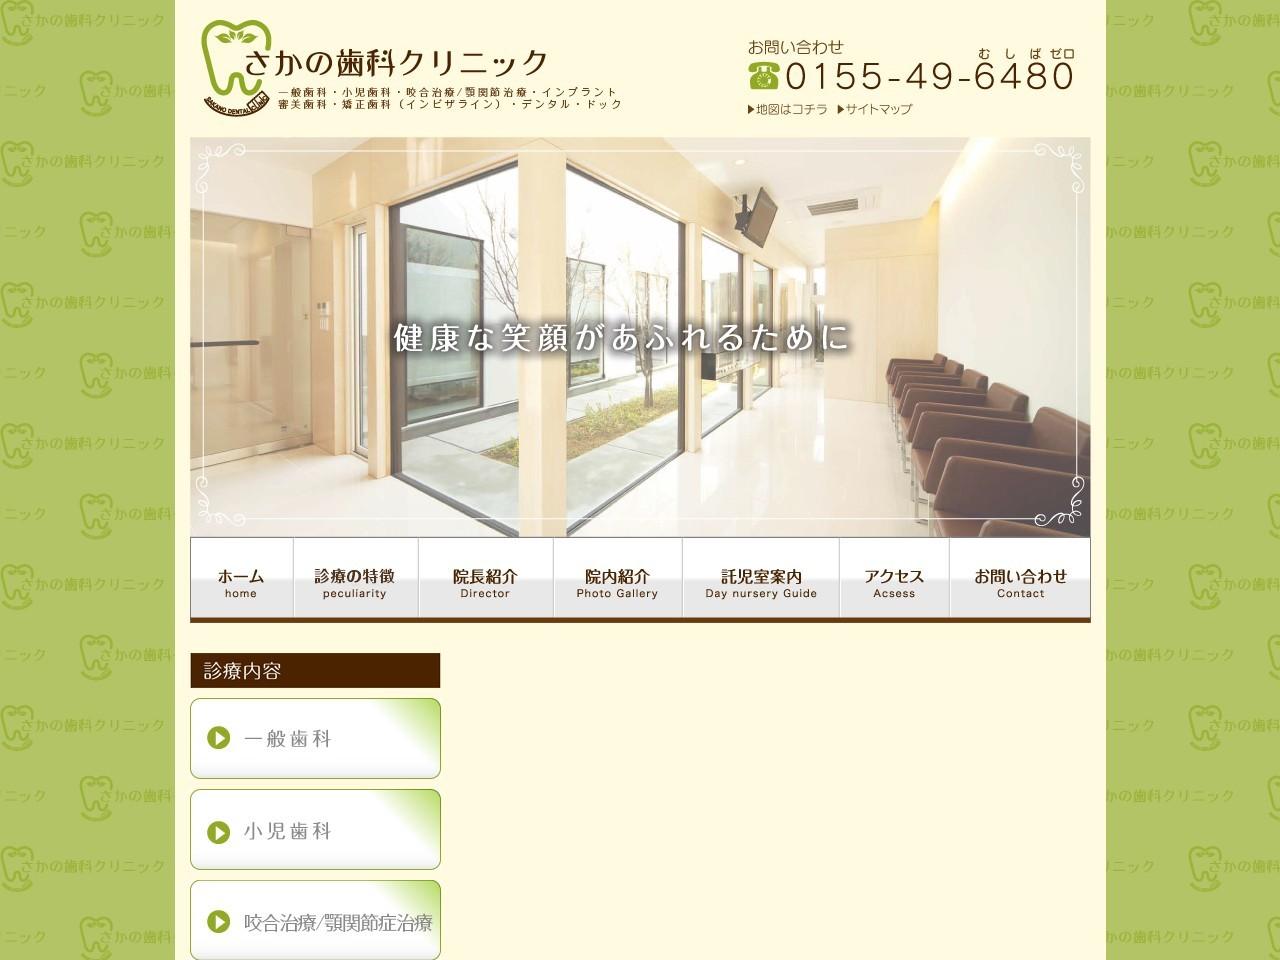 医療法人社団慶香会  さかの歯科クリニック (北海道帯広市)